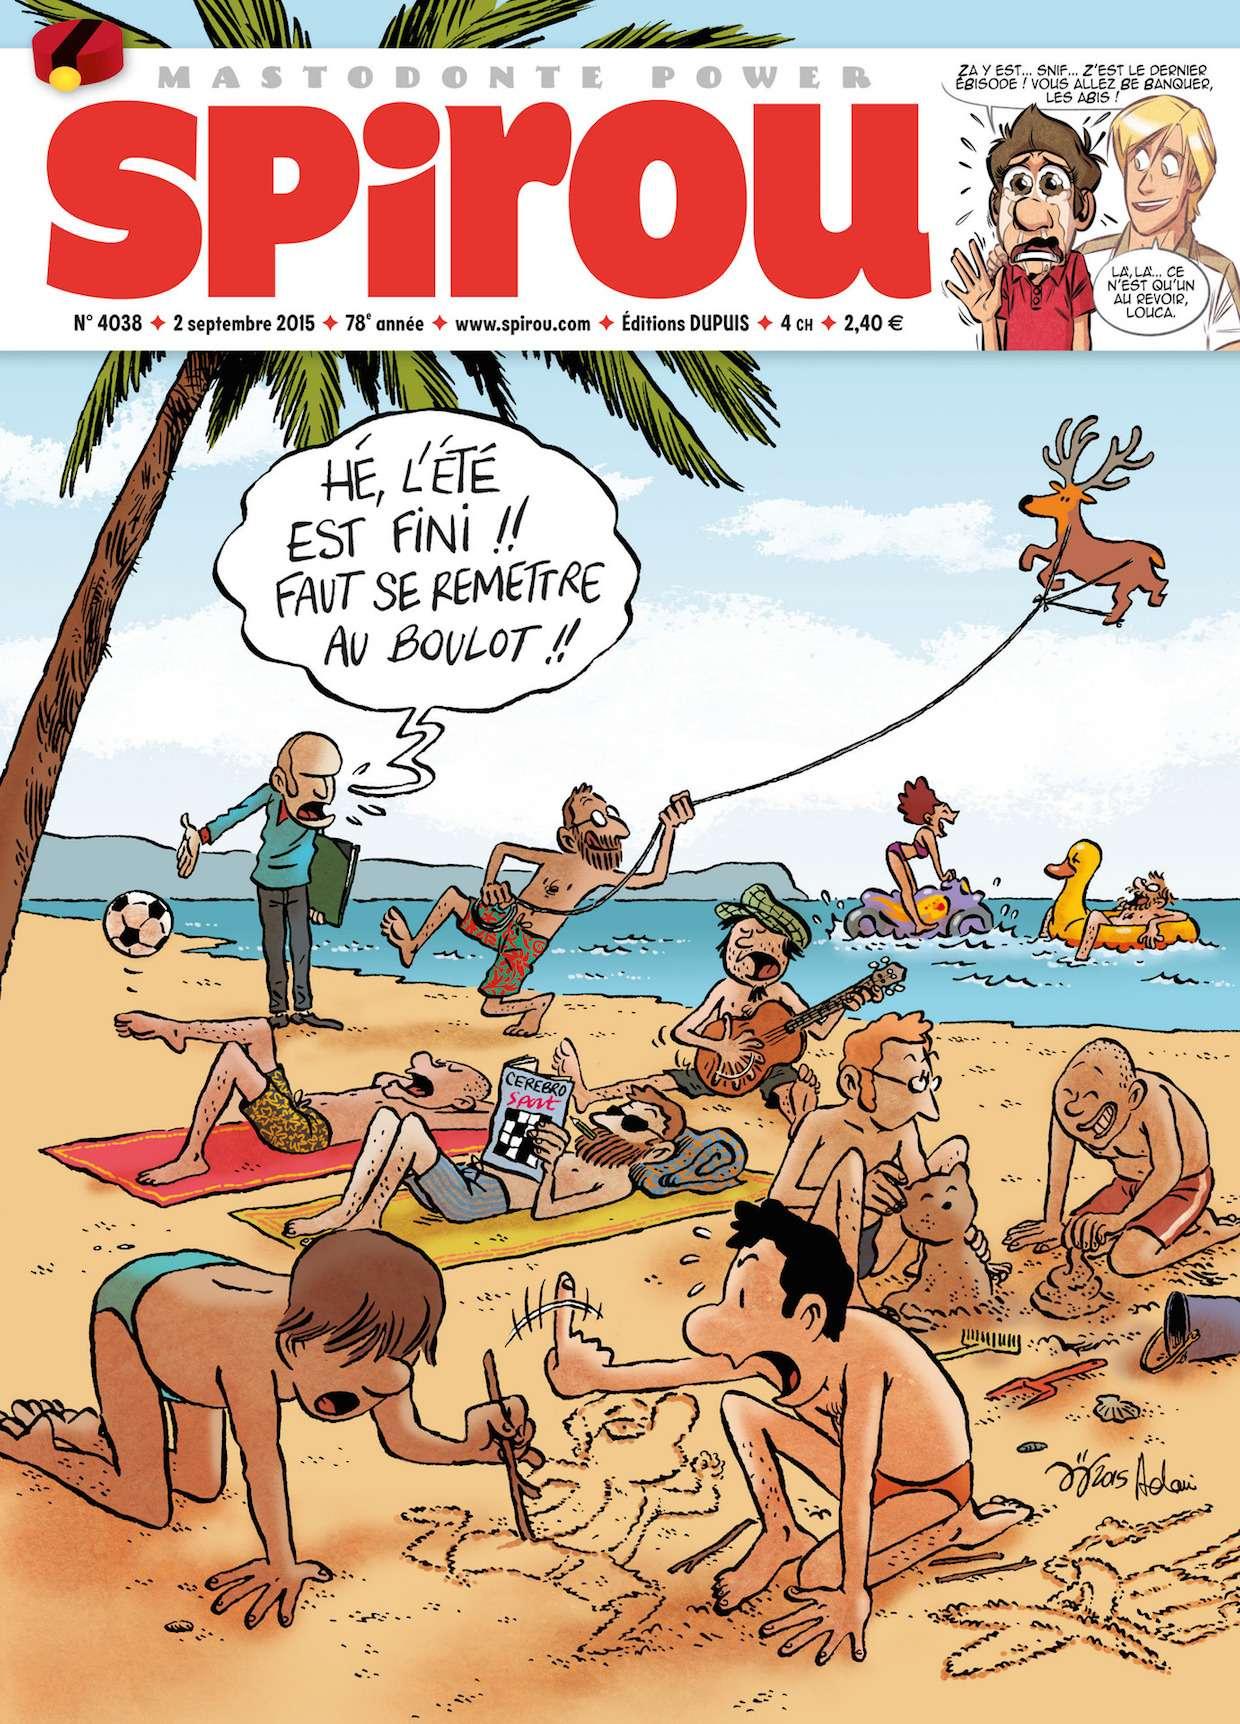 Le Journal de Spirou 4038 - 2 au 8 Septembre 2015